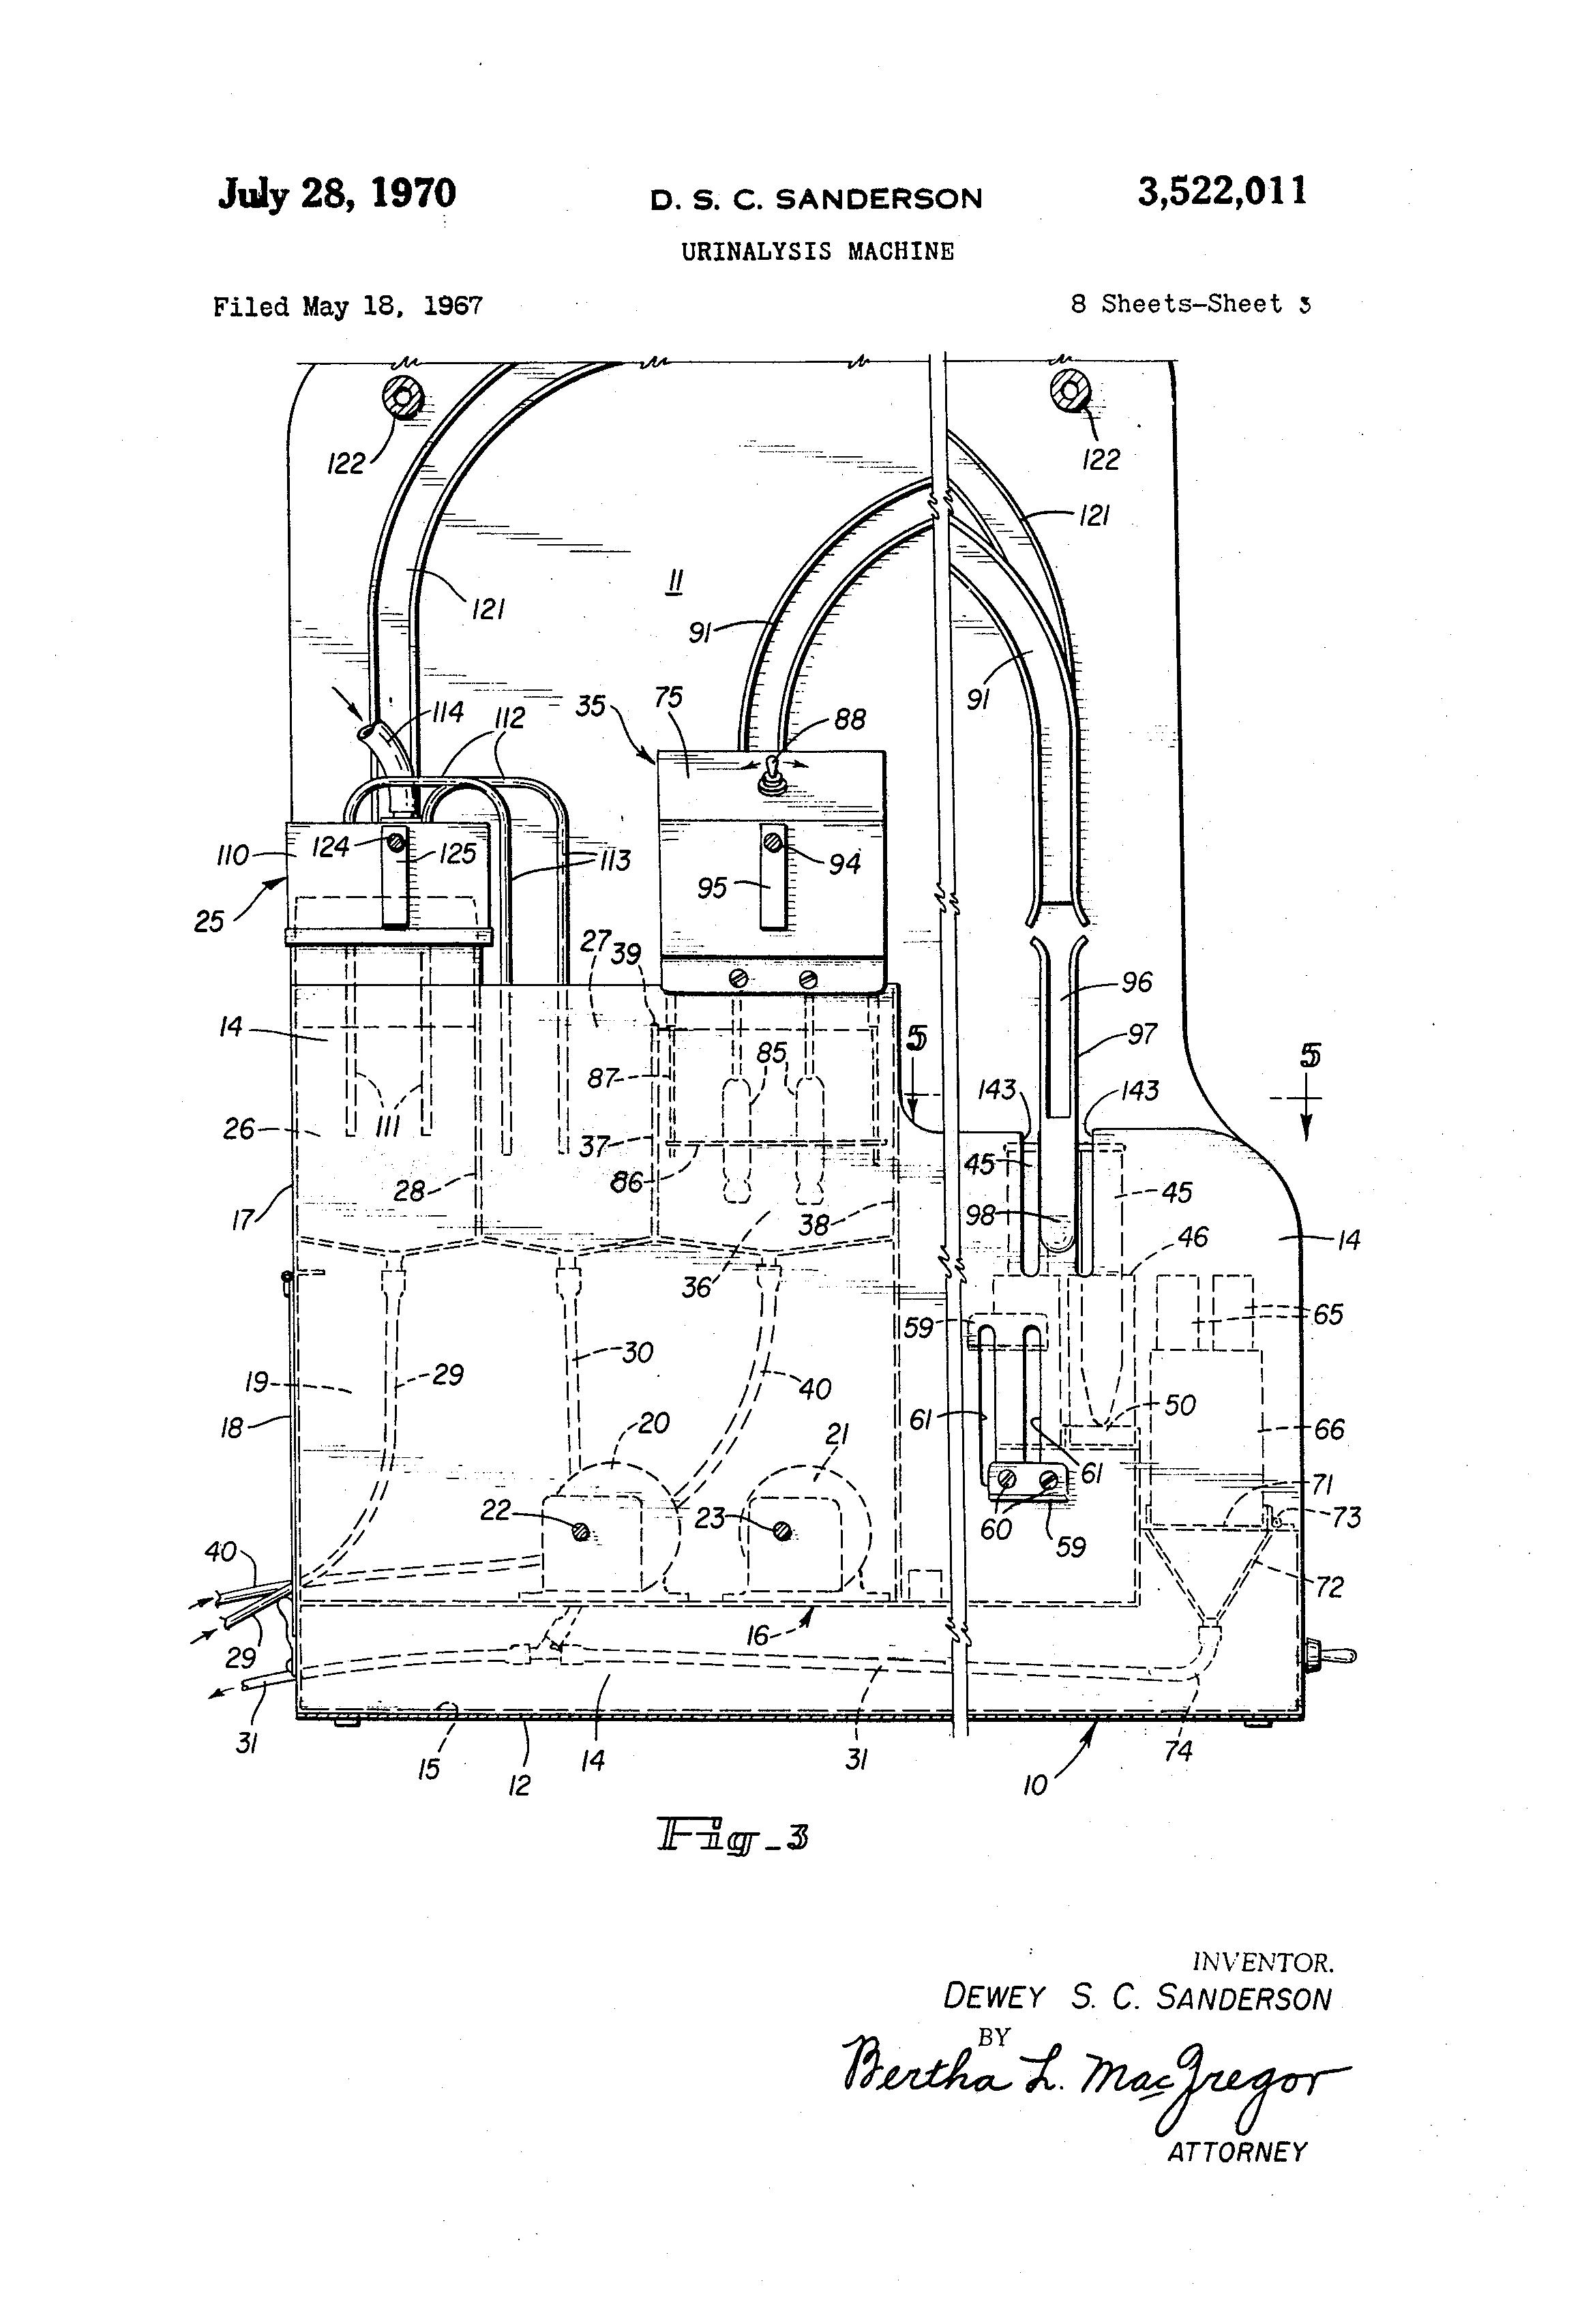 a black man dewey sanderson invented the urinalysis machine  [ 2320 x 3408 Pixel ]